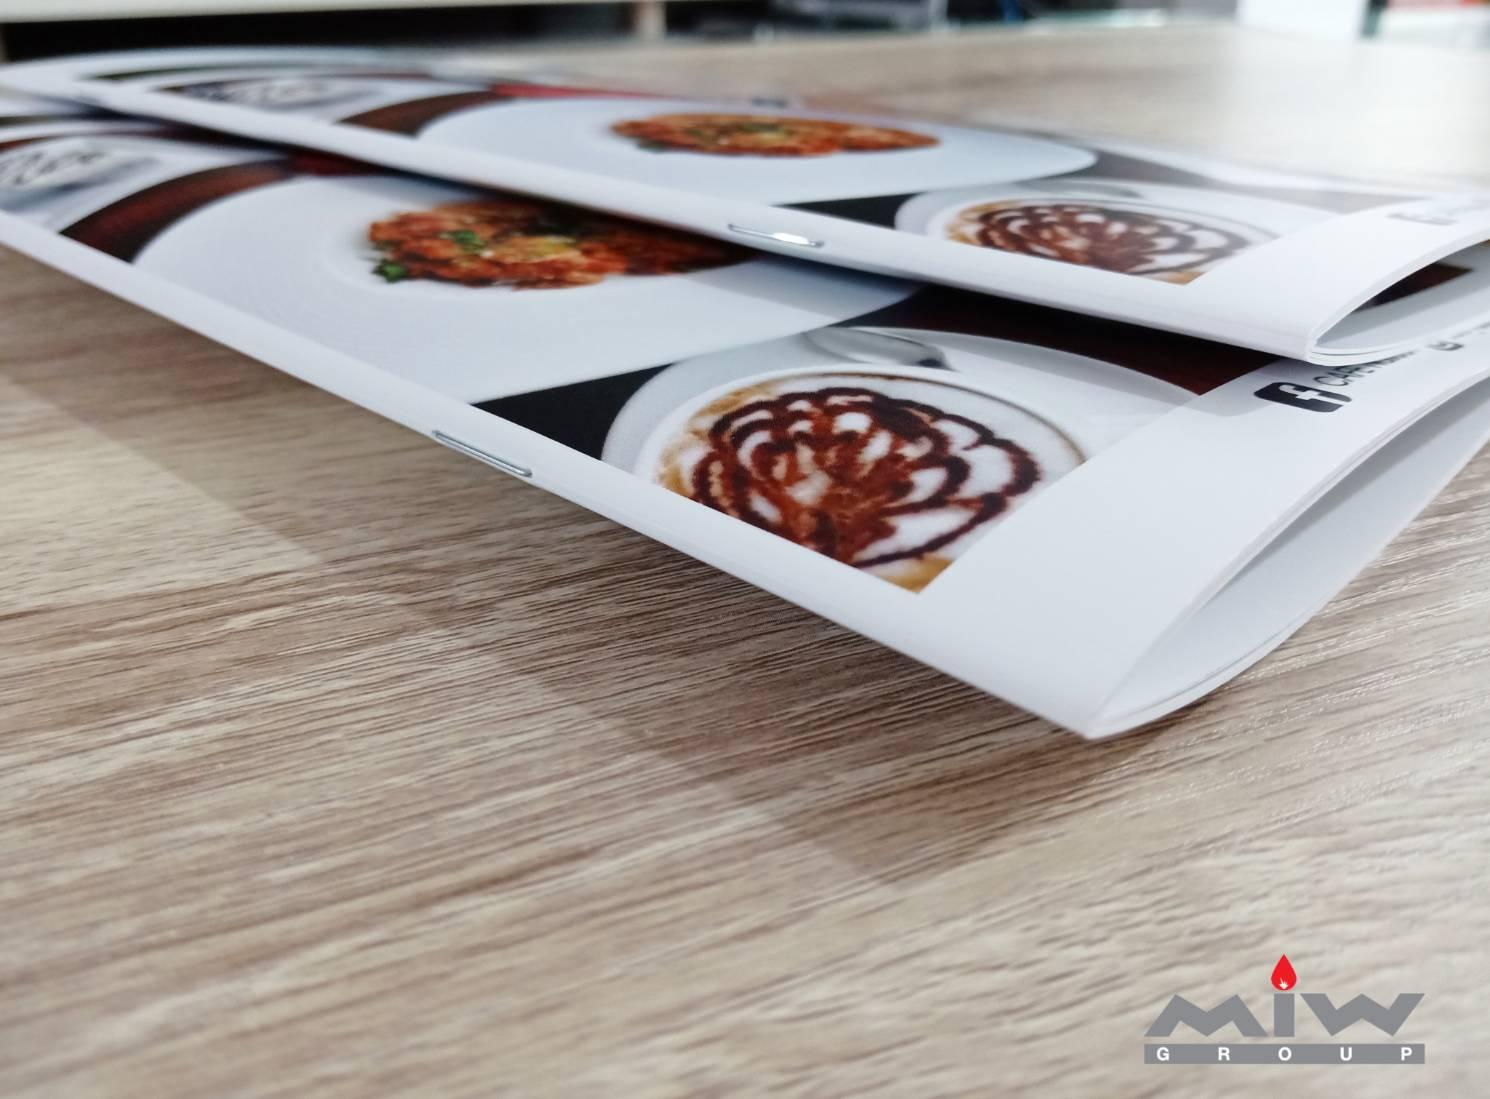 409453 - ตัวอย่างงานพิมพ์เมนูอาหารร้าน Caf'e Nasuan